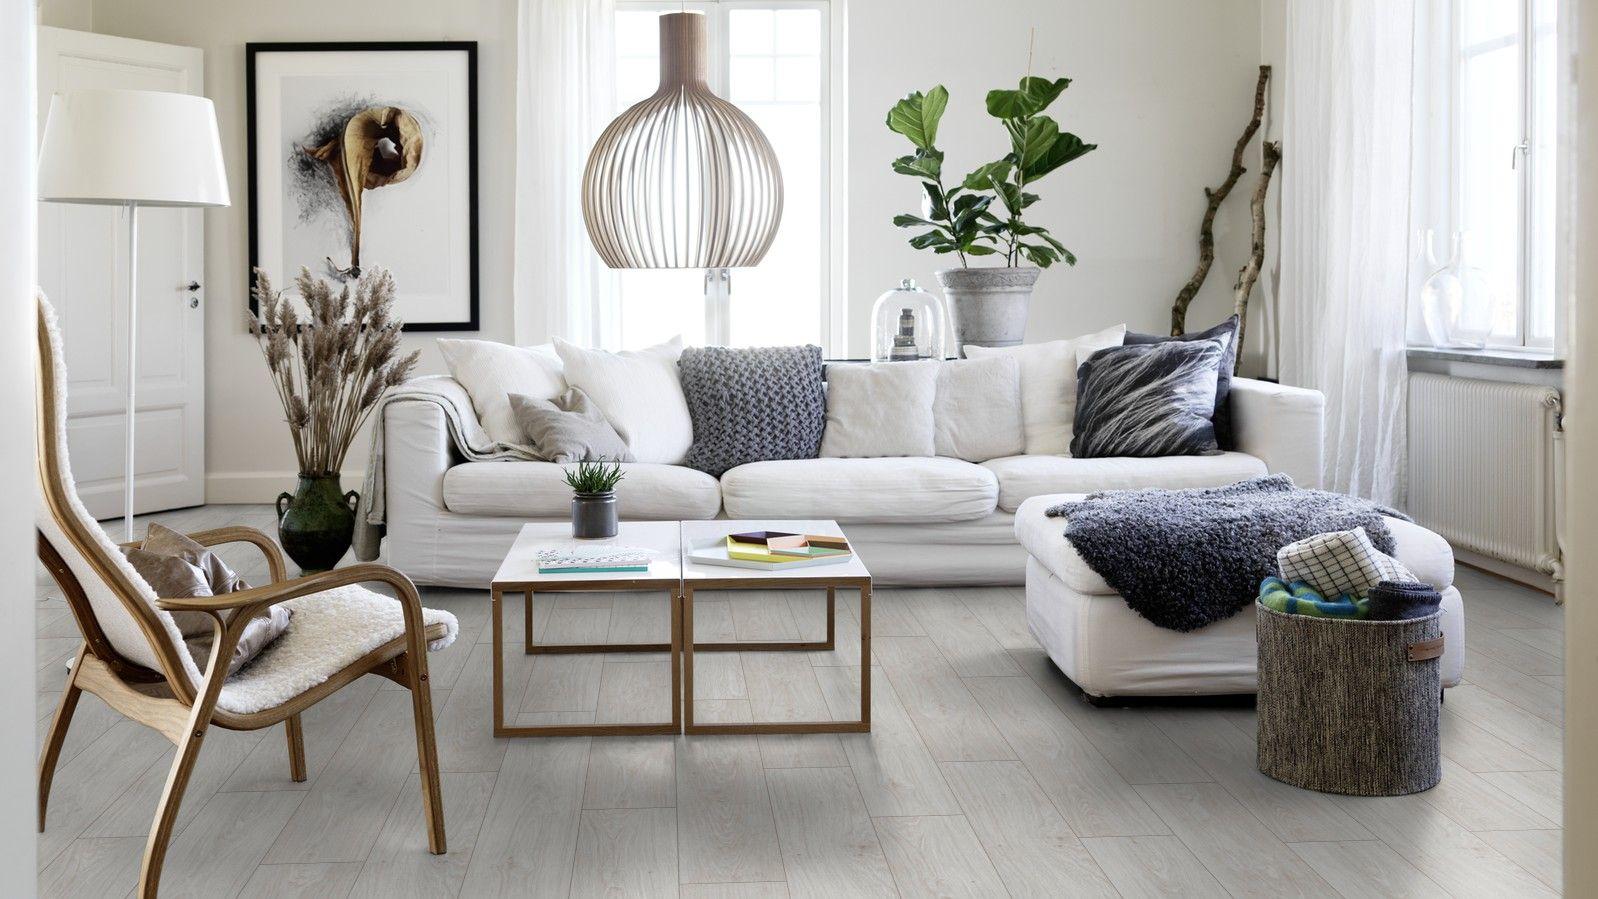 Pergon vinyylilattia näyttää aidolta puulattialta, mutta kestää sitä paremmin kovaa kulutusta ja jopa vettä. Kuvassa skandinaaviseen kotiin sopiva sävy valkoinen tammi.